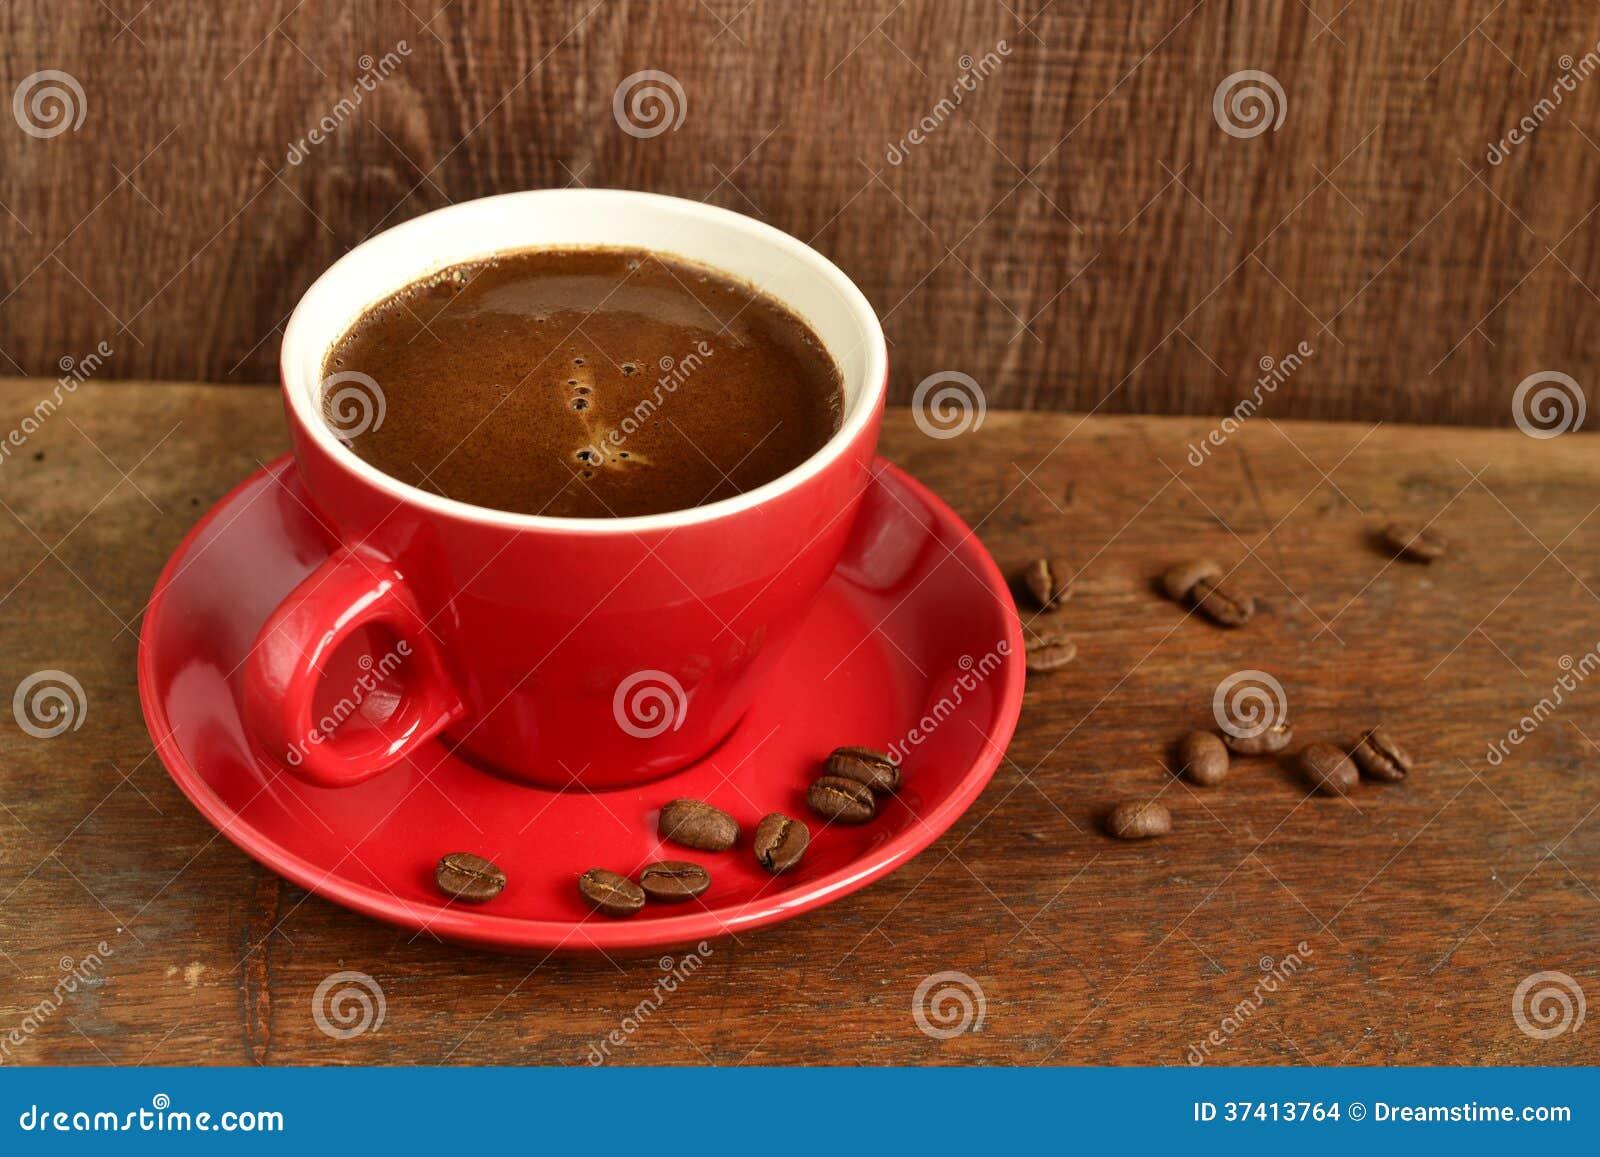 tasse de caf rouge images stock image 37413764. Black Bedroom Furniture Sets. Home Design Ideas